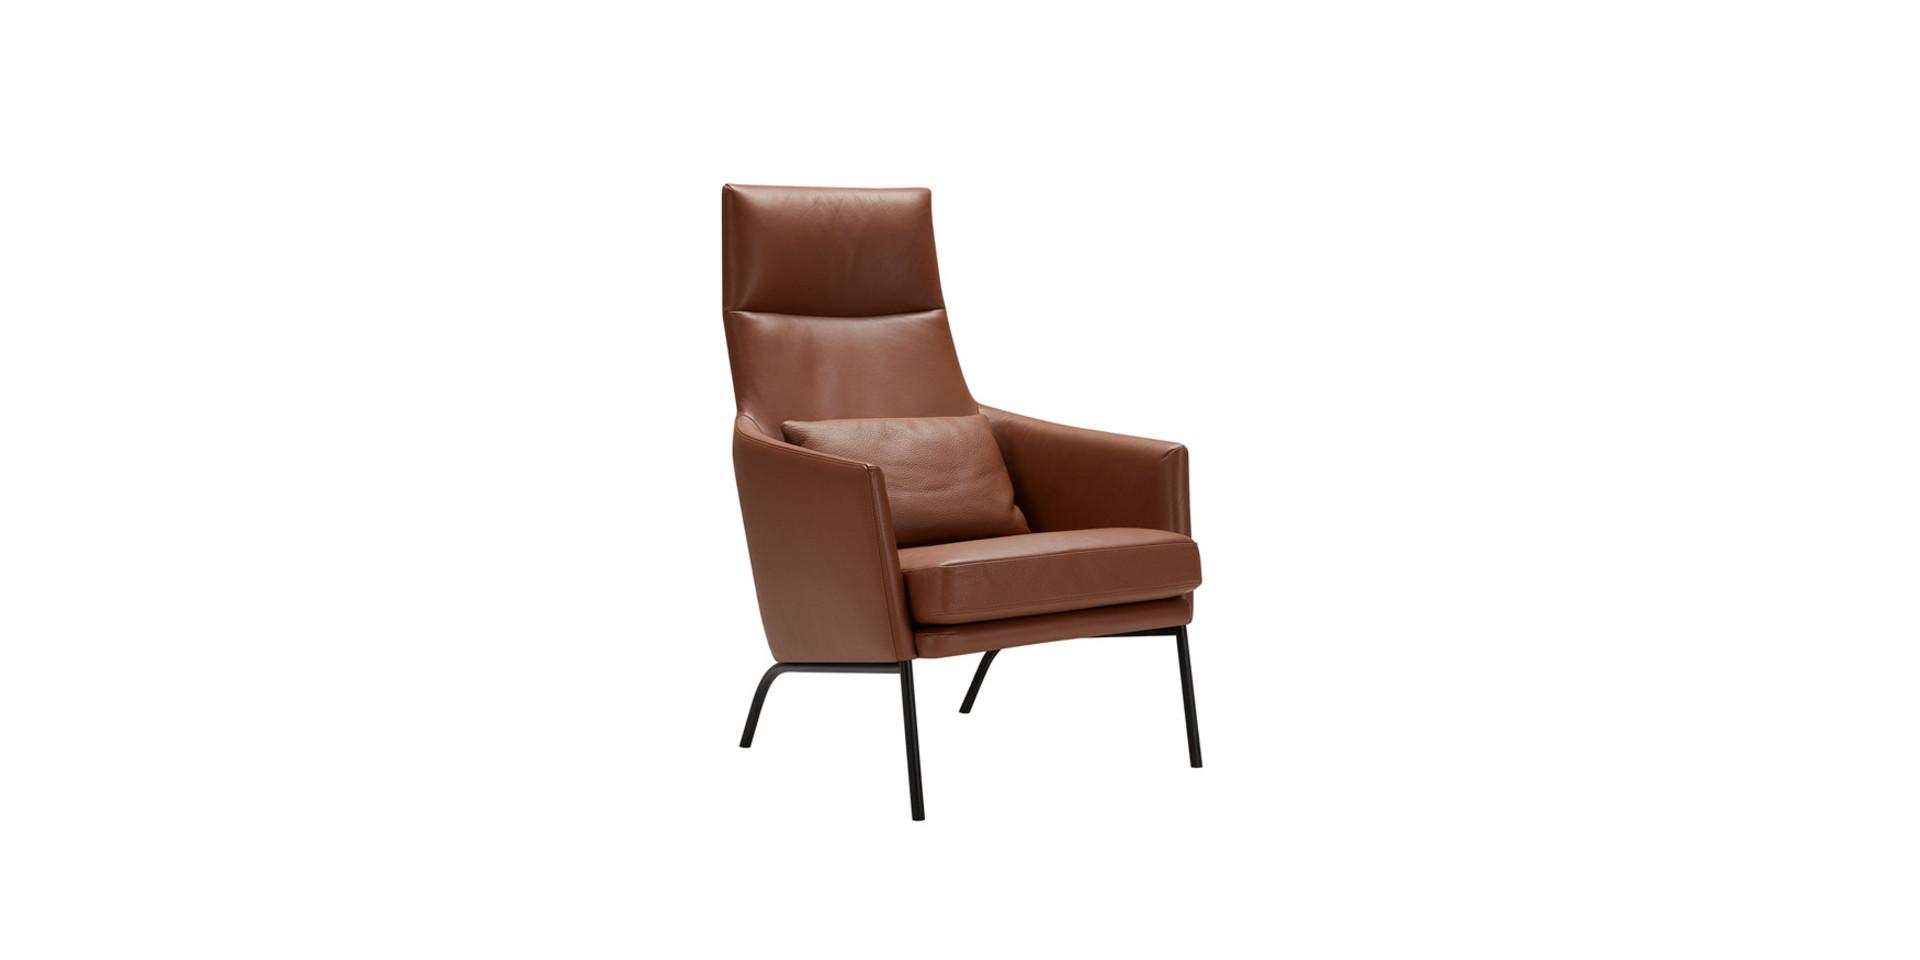 SIRI_armchair_touch8_cognac_2